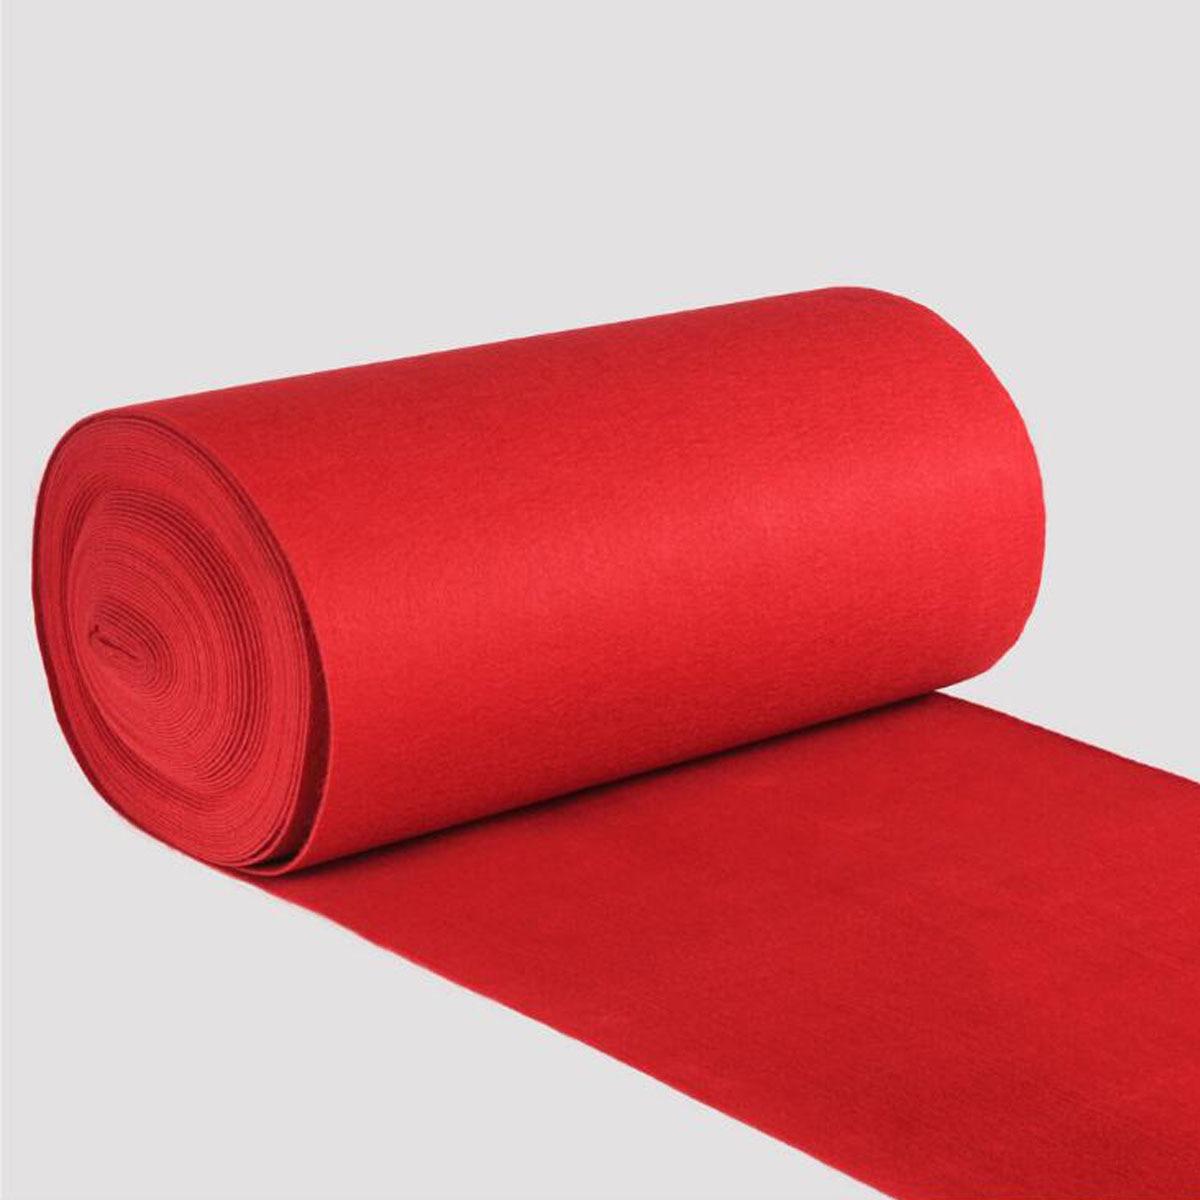 15 m/10 m tapis rouge extérieur tapis allée pour Banquet de mariage Film Festivals fêtes célébrations récompenses événements décoration tapis